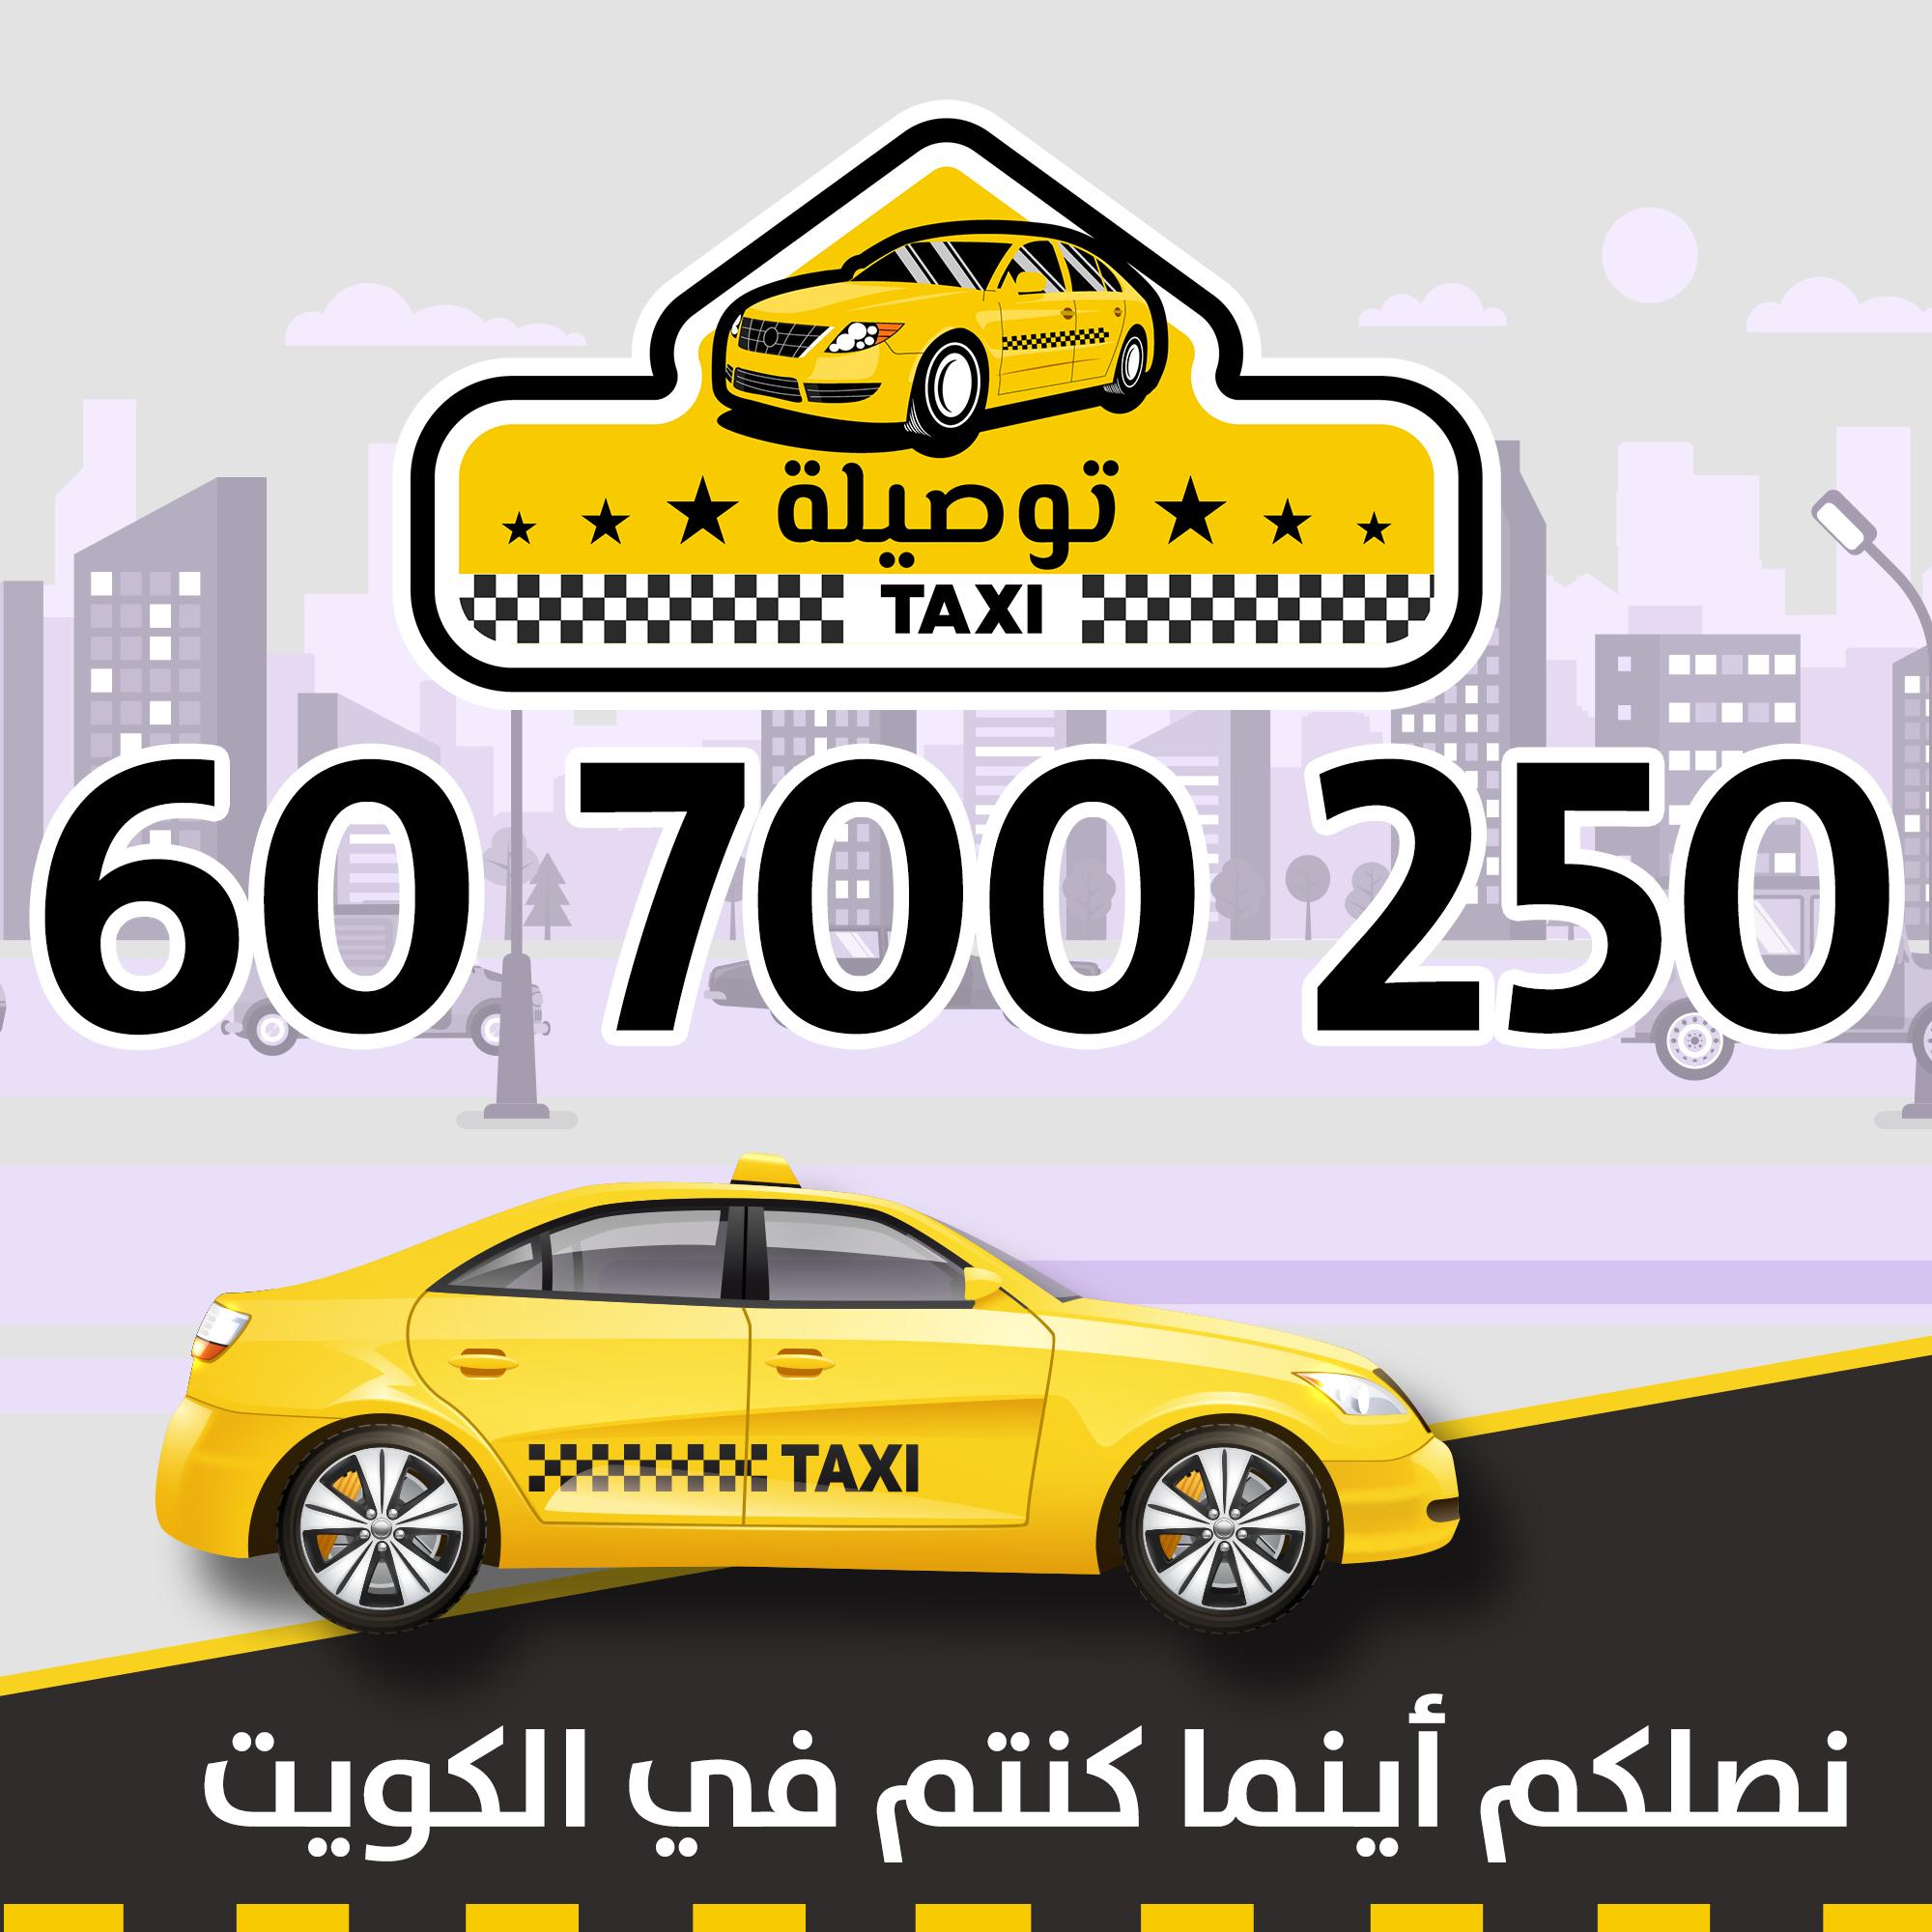 تاكسي توصيلة في شارع عبدالعزيز عبدالله الصرعاوي